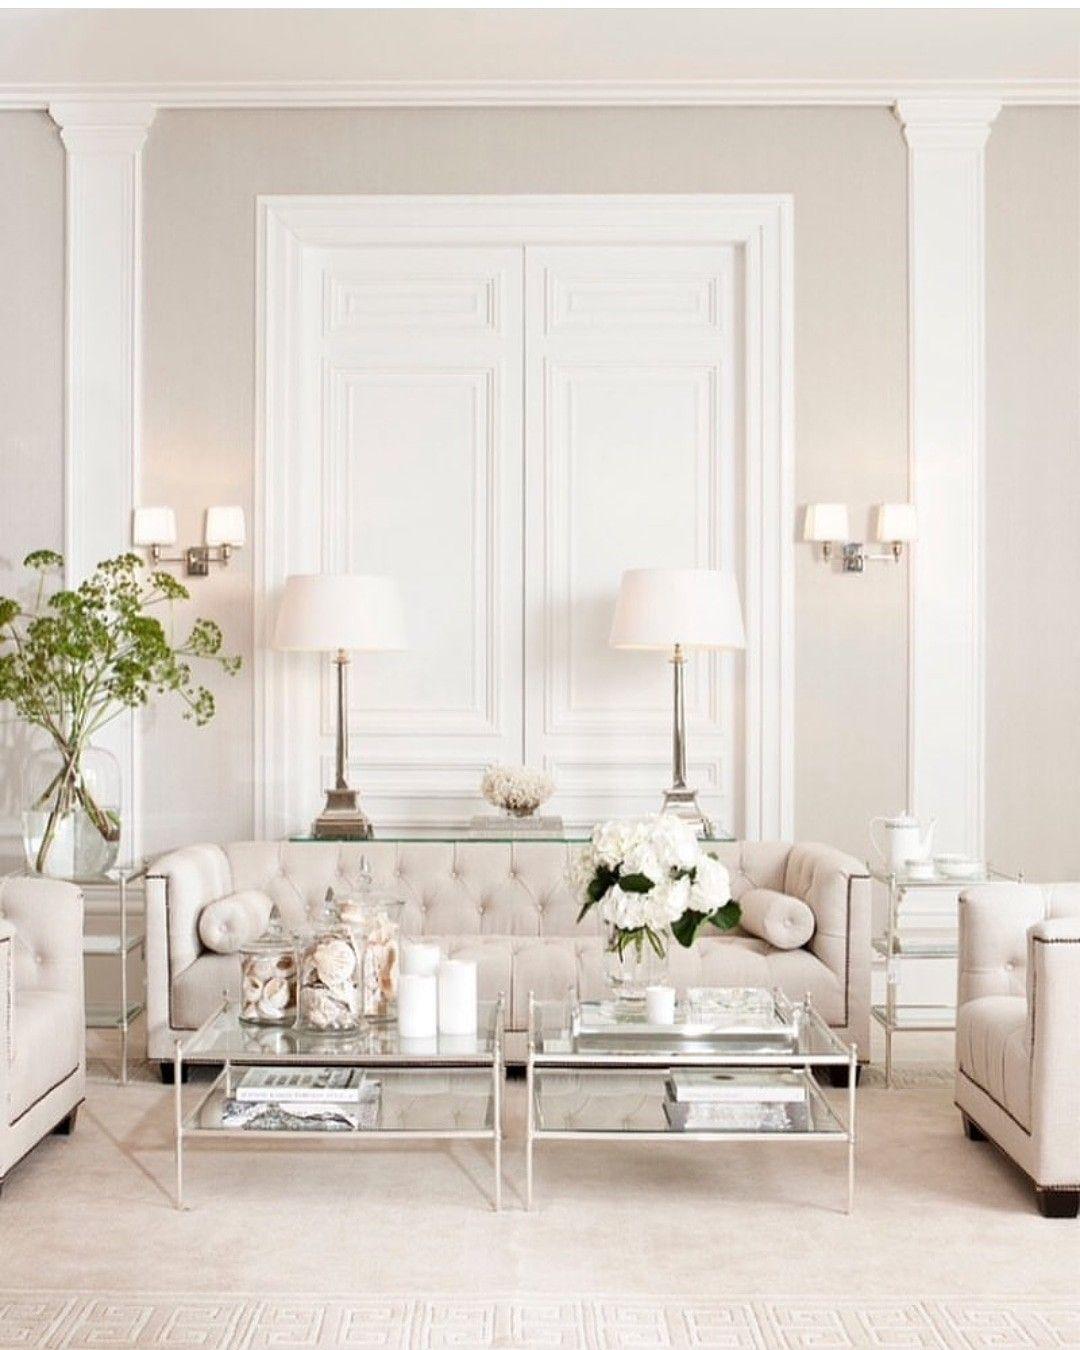 اثاث اثاث مودرن اثاث ايكيا أثاث منزلي اثاثكم ديكورات خارجية ديكورات ديكور ديكورات داخليه All White Room Living Room White Formal Living Rooms